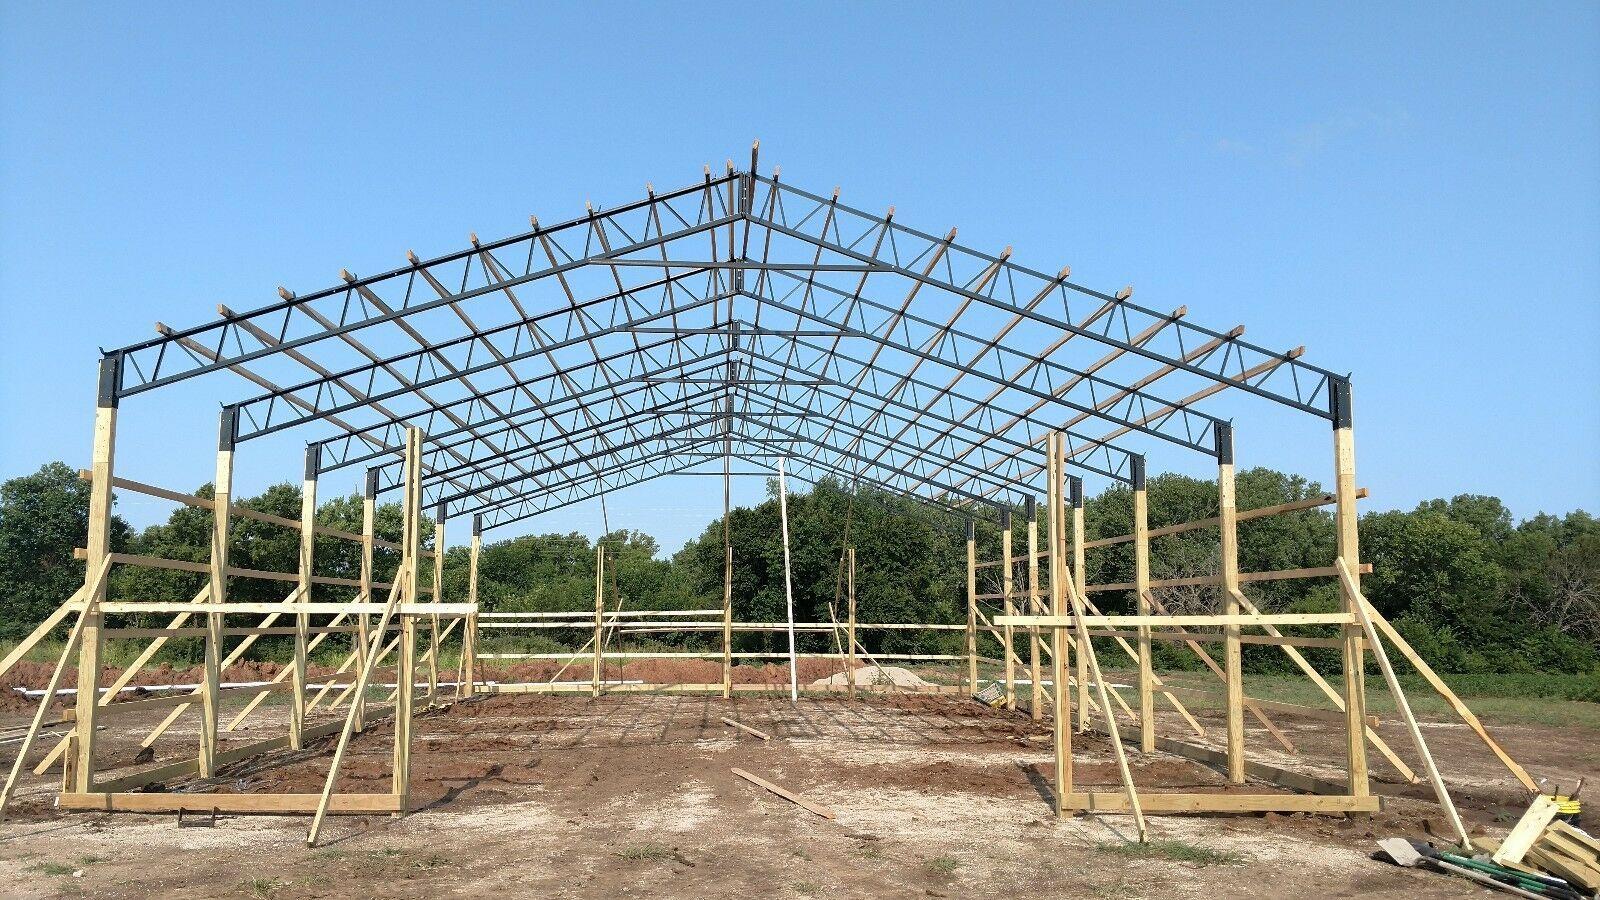 Steel Truss Pole Barn 40 Single Truss 1 To 200 Available Pole Barn Designs Pole Barn Plans Steel Trusses